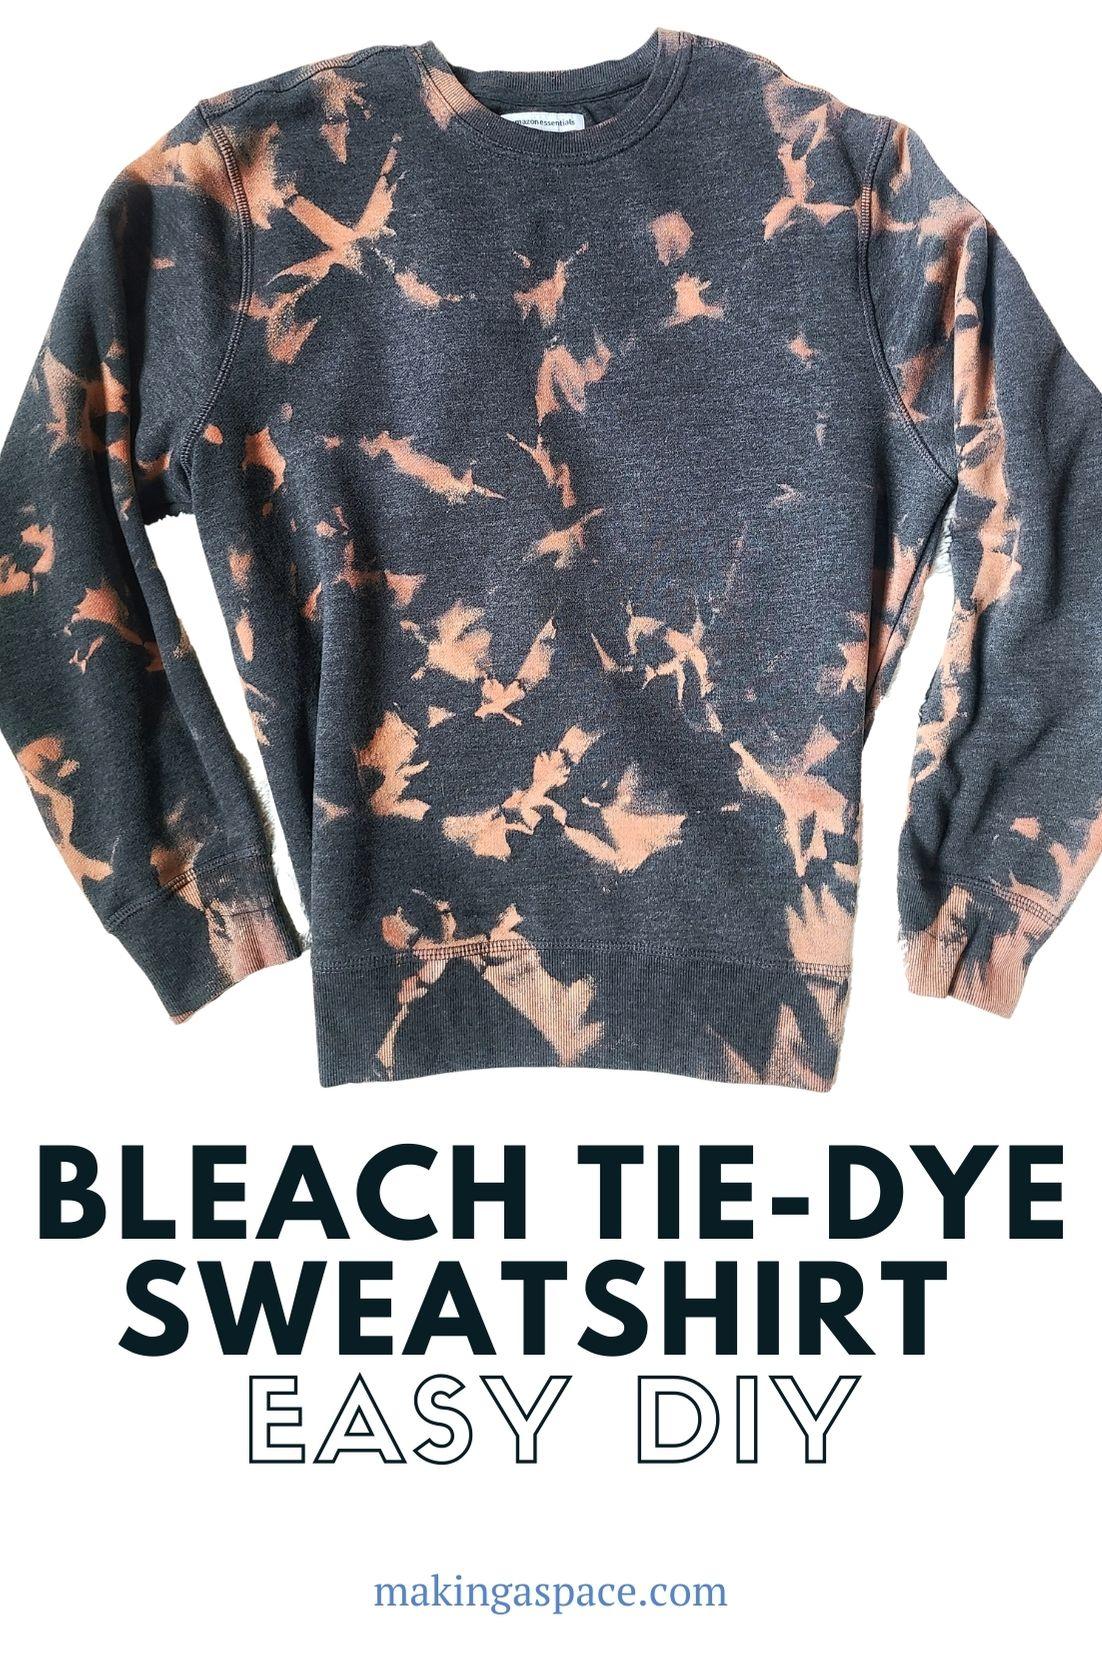 Bleach tie-dyed sweatshirt technique + tutorial